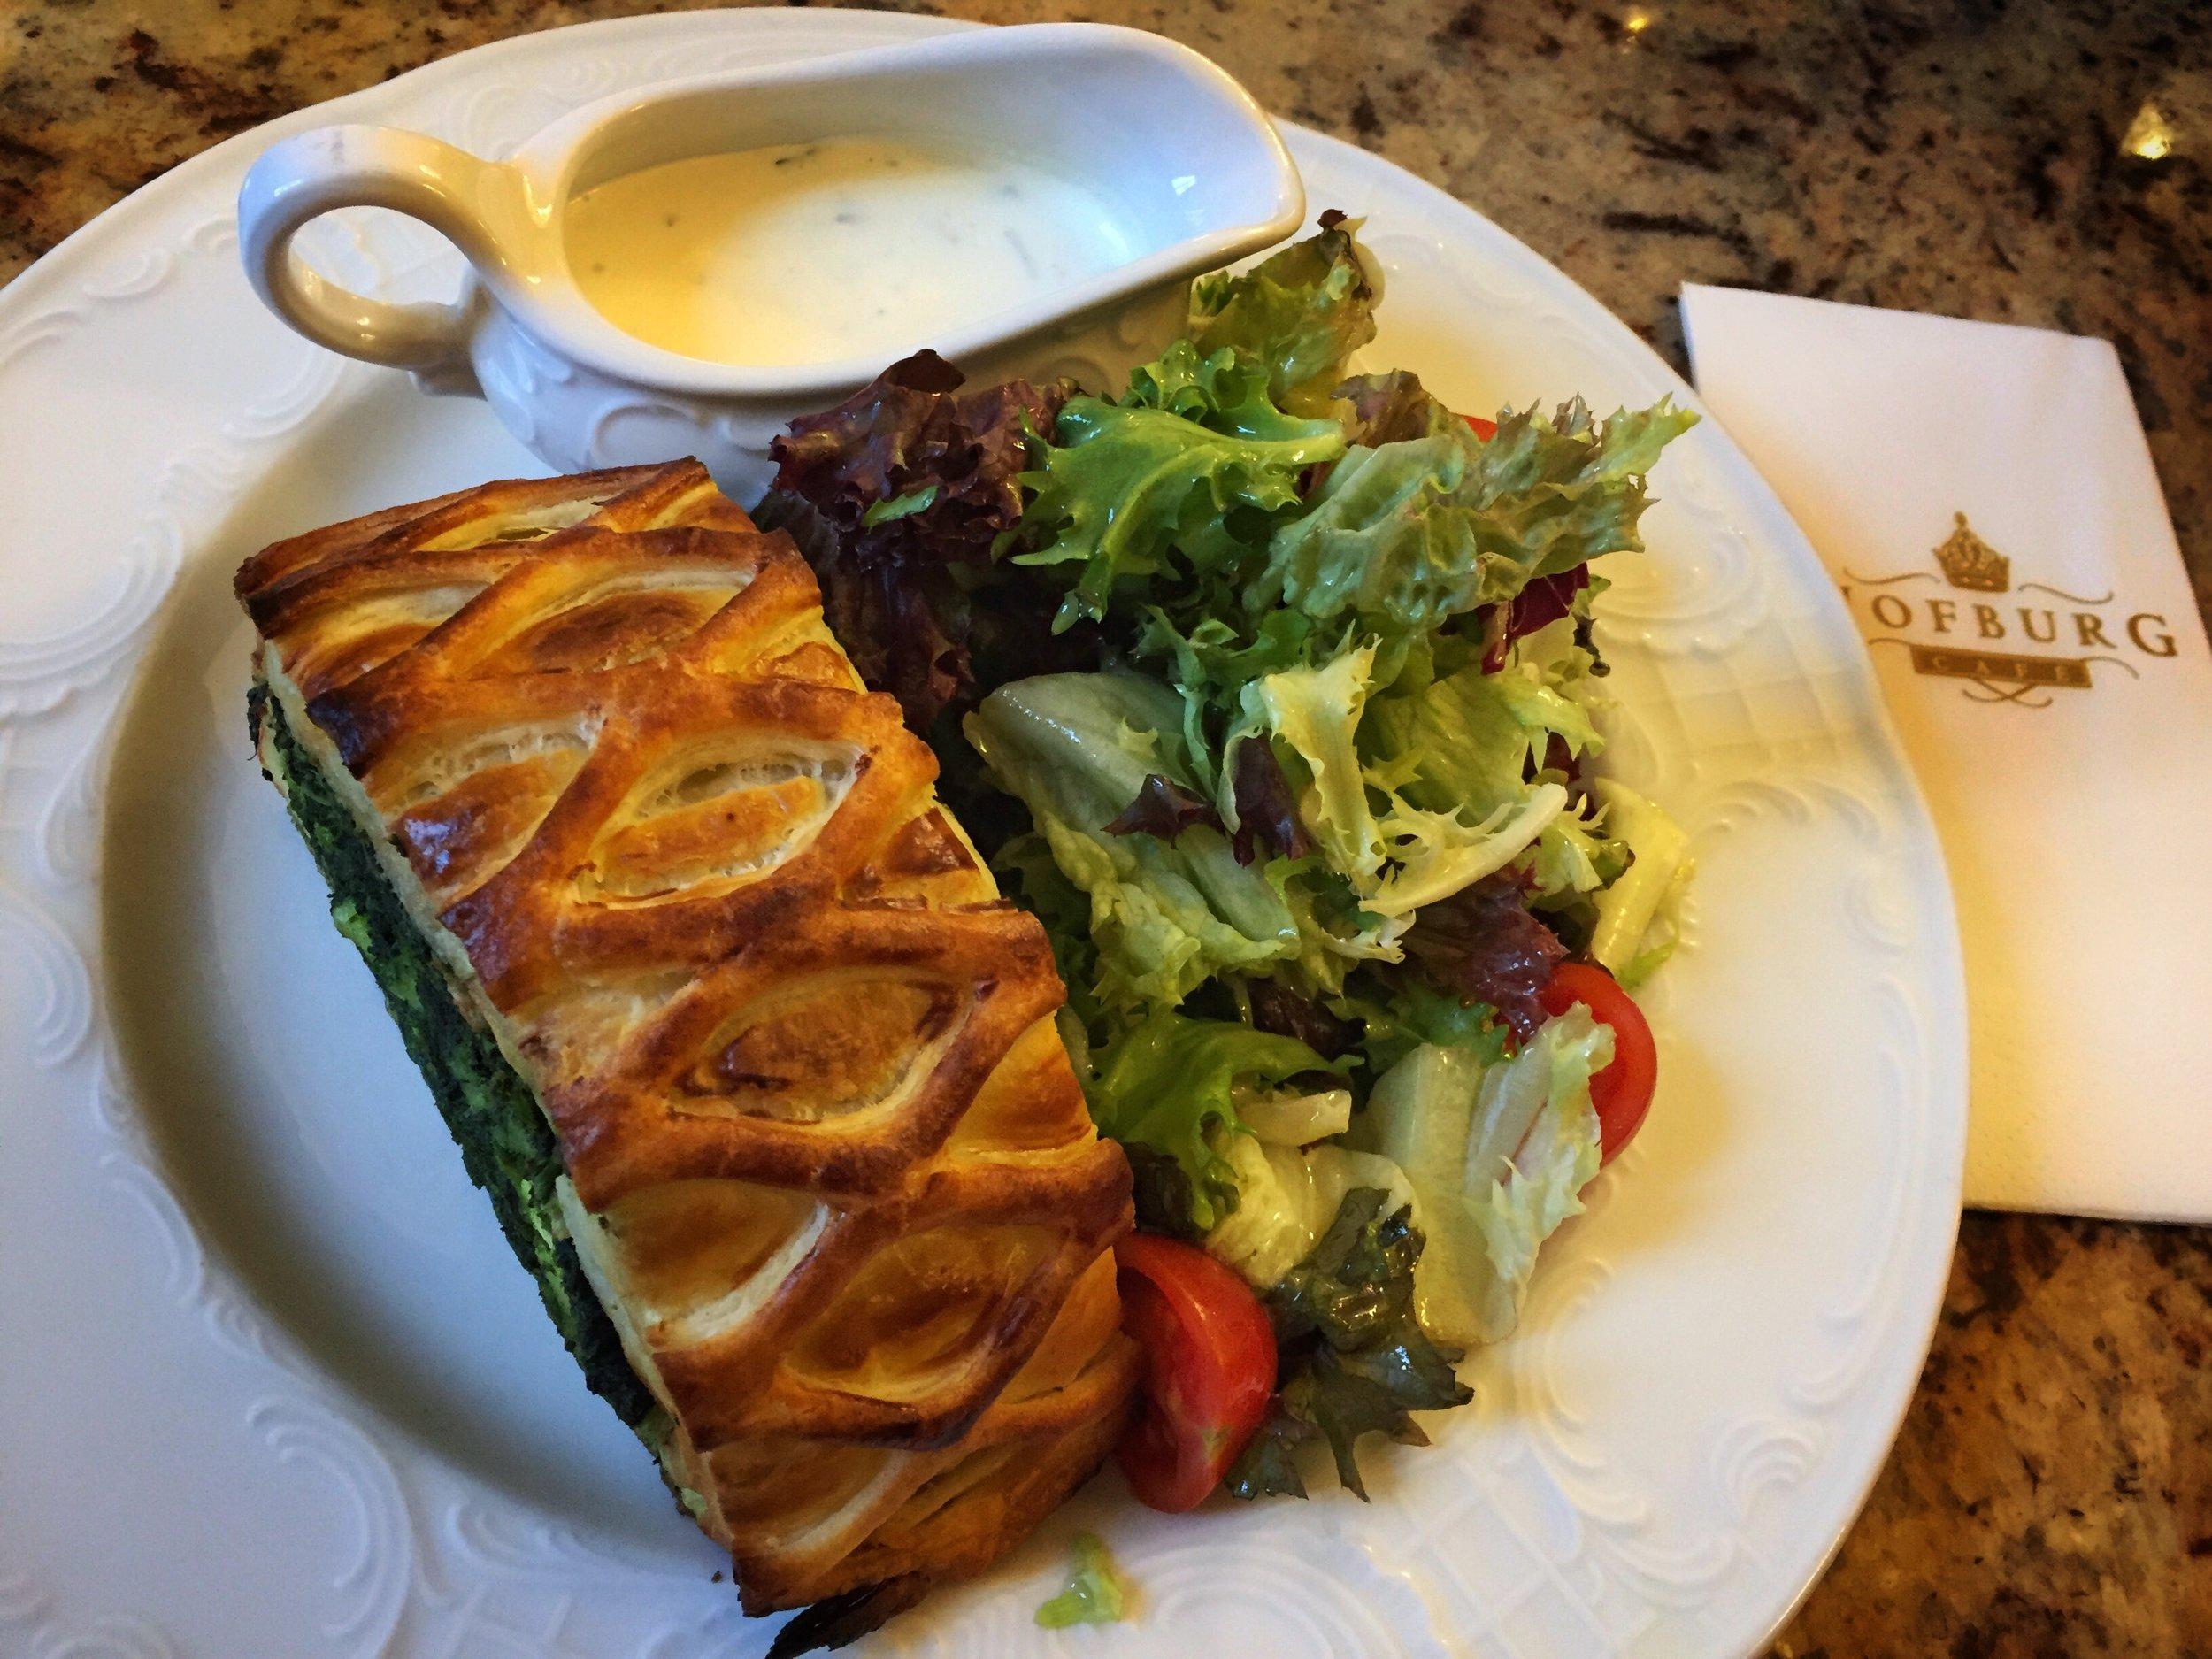 spinach goatcheese strudel & salad at Café Hofburg (Vienna)